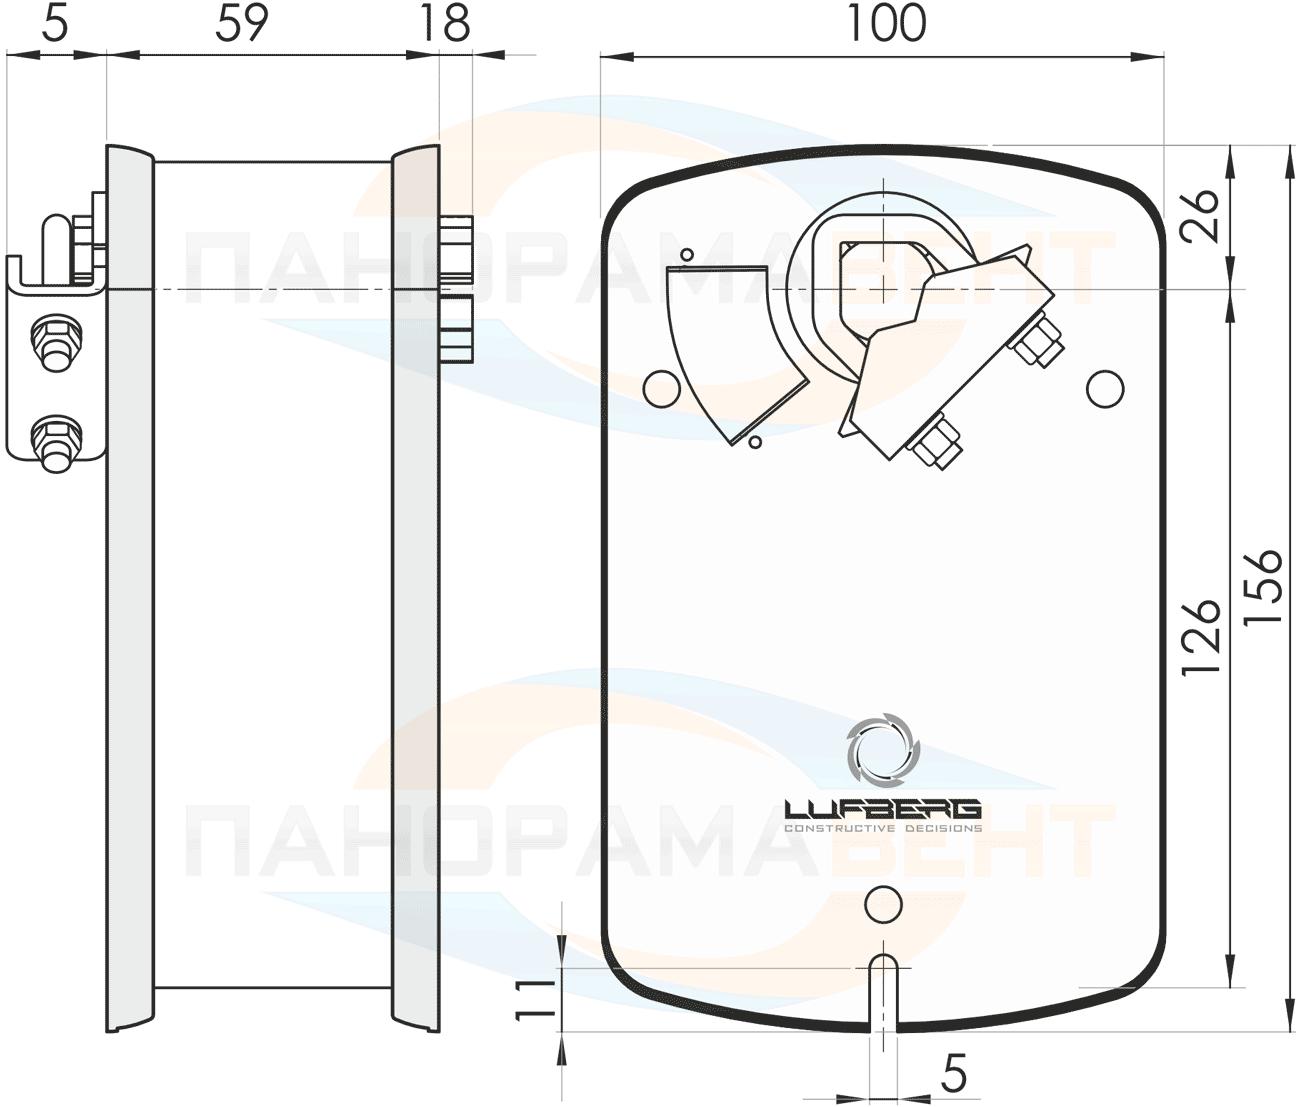 Габаритно-присоединительные размеры электропривода Lufberg DA05S220 5Нм/230В